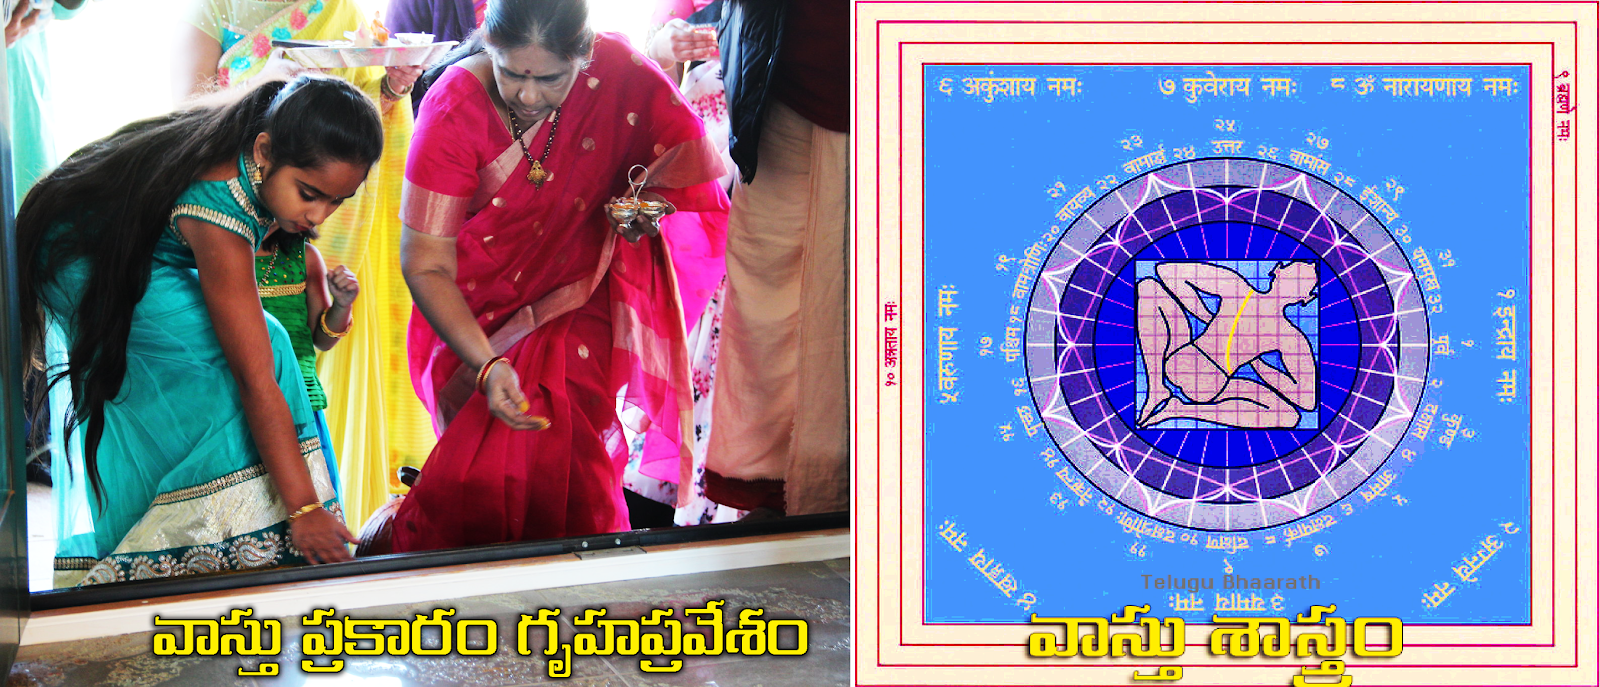 వాస్తు ప్రకారం గృహప్రవేశానికి శుభ దినాలు - Vastu Shatram, Gruha Pravesam